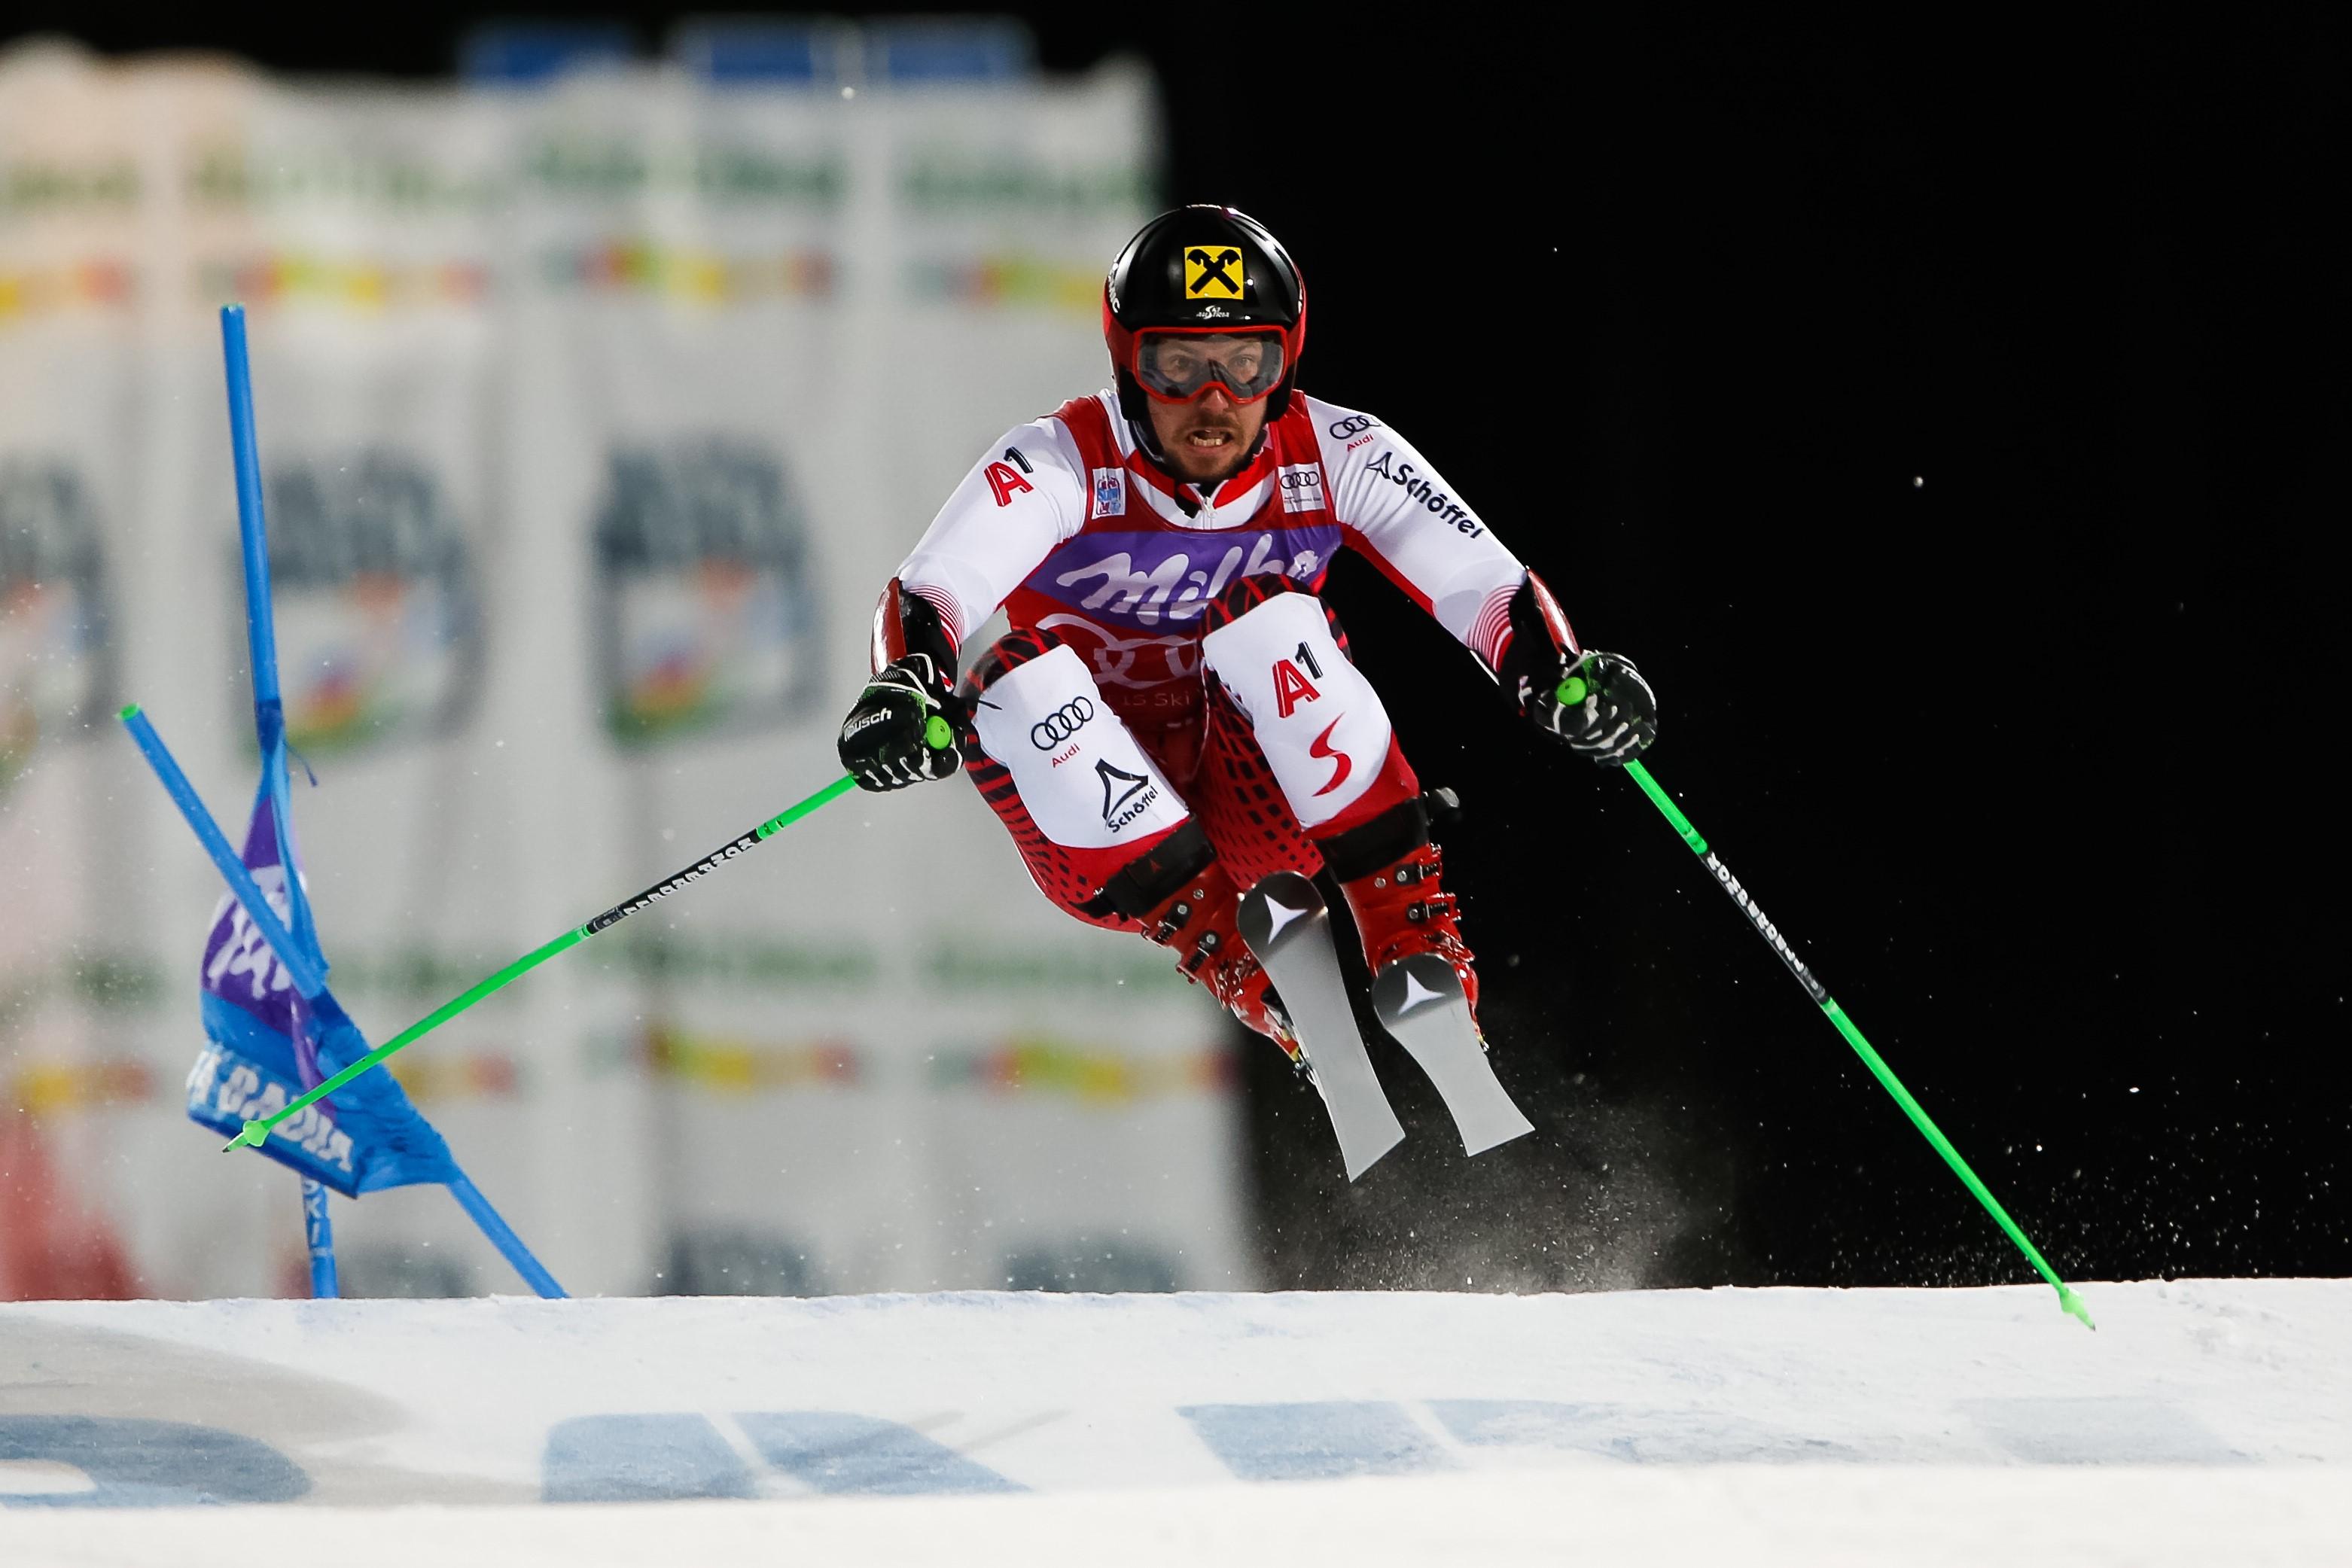 Marcel Hirscher vainqueur du géant parallèle d'Alta Badia le 17 décembre 2018